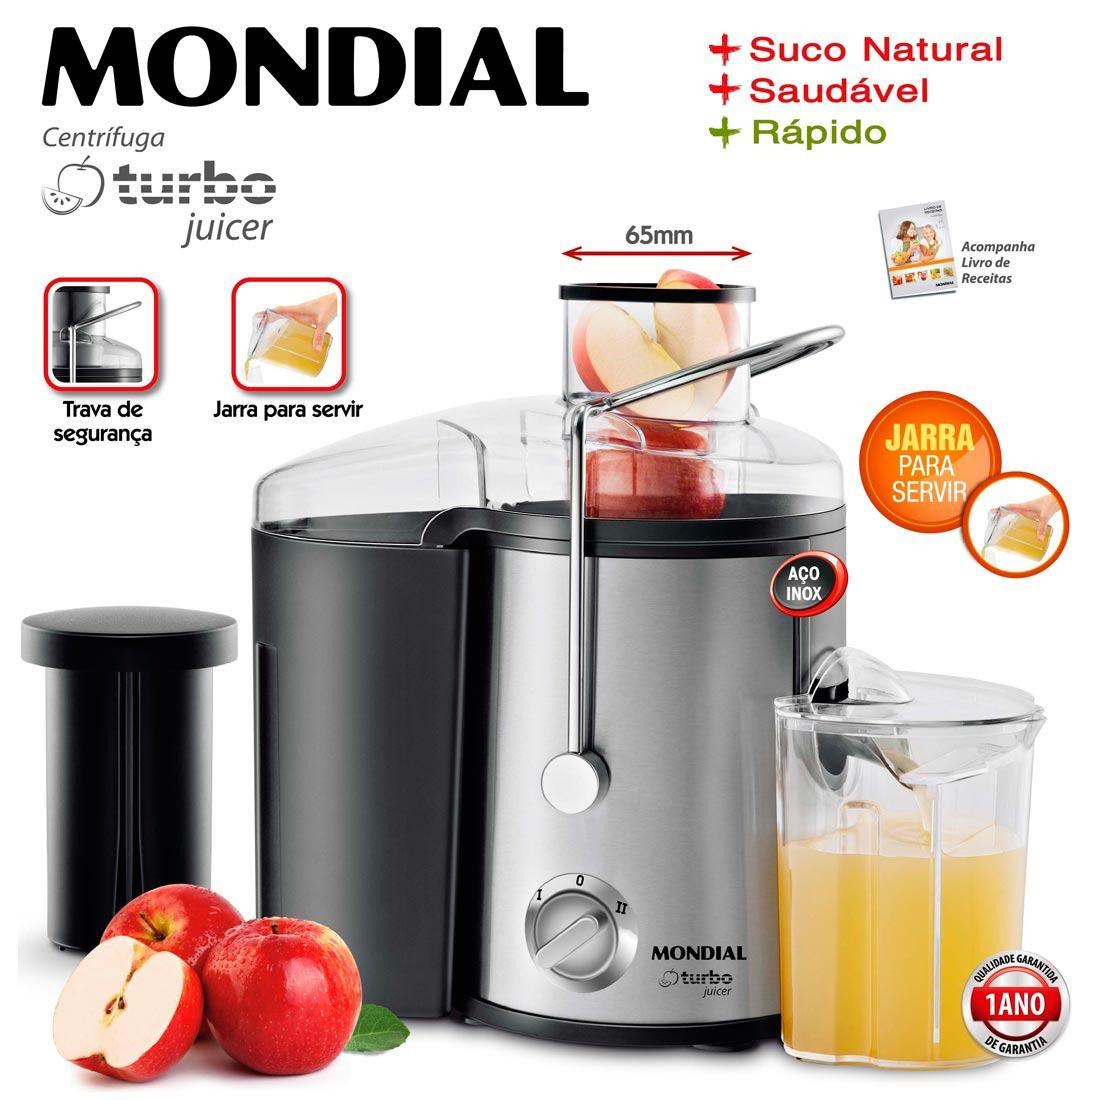 Centrífuga de fruta Turbo Juicer Mondial